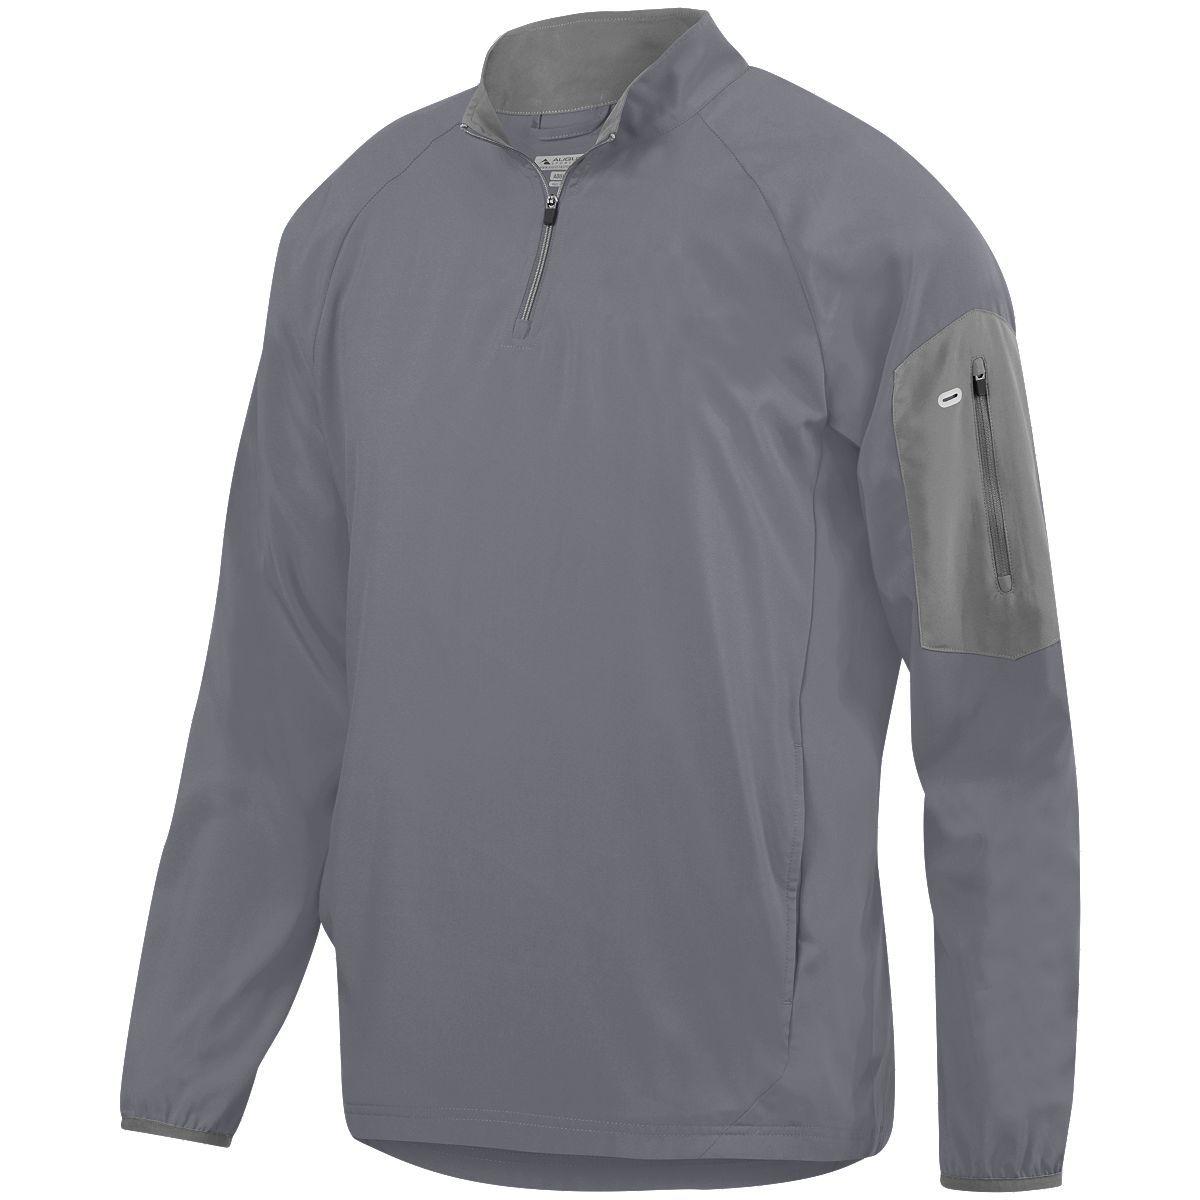 Preeminent Half-Zip Pullover - GRAPHITE/GRAPHITE